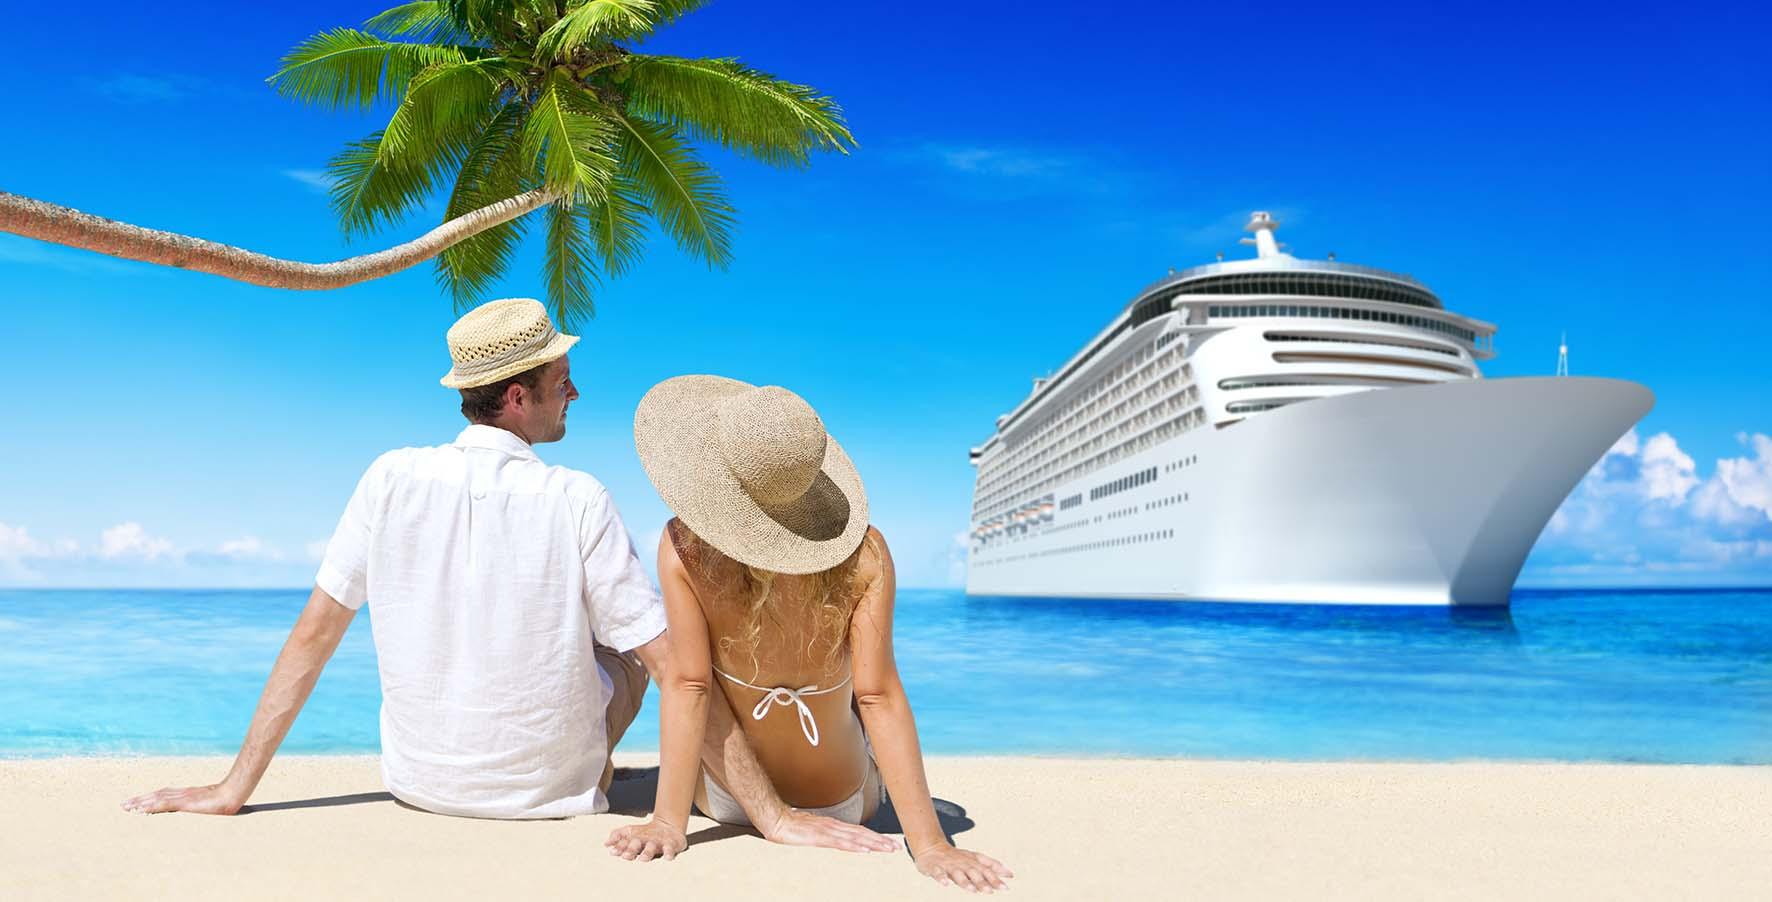 crociera coppia turismo